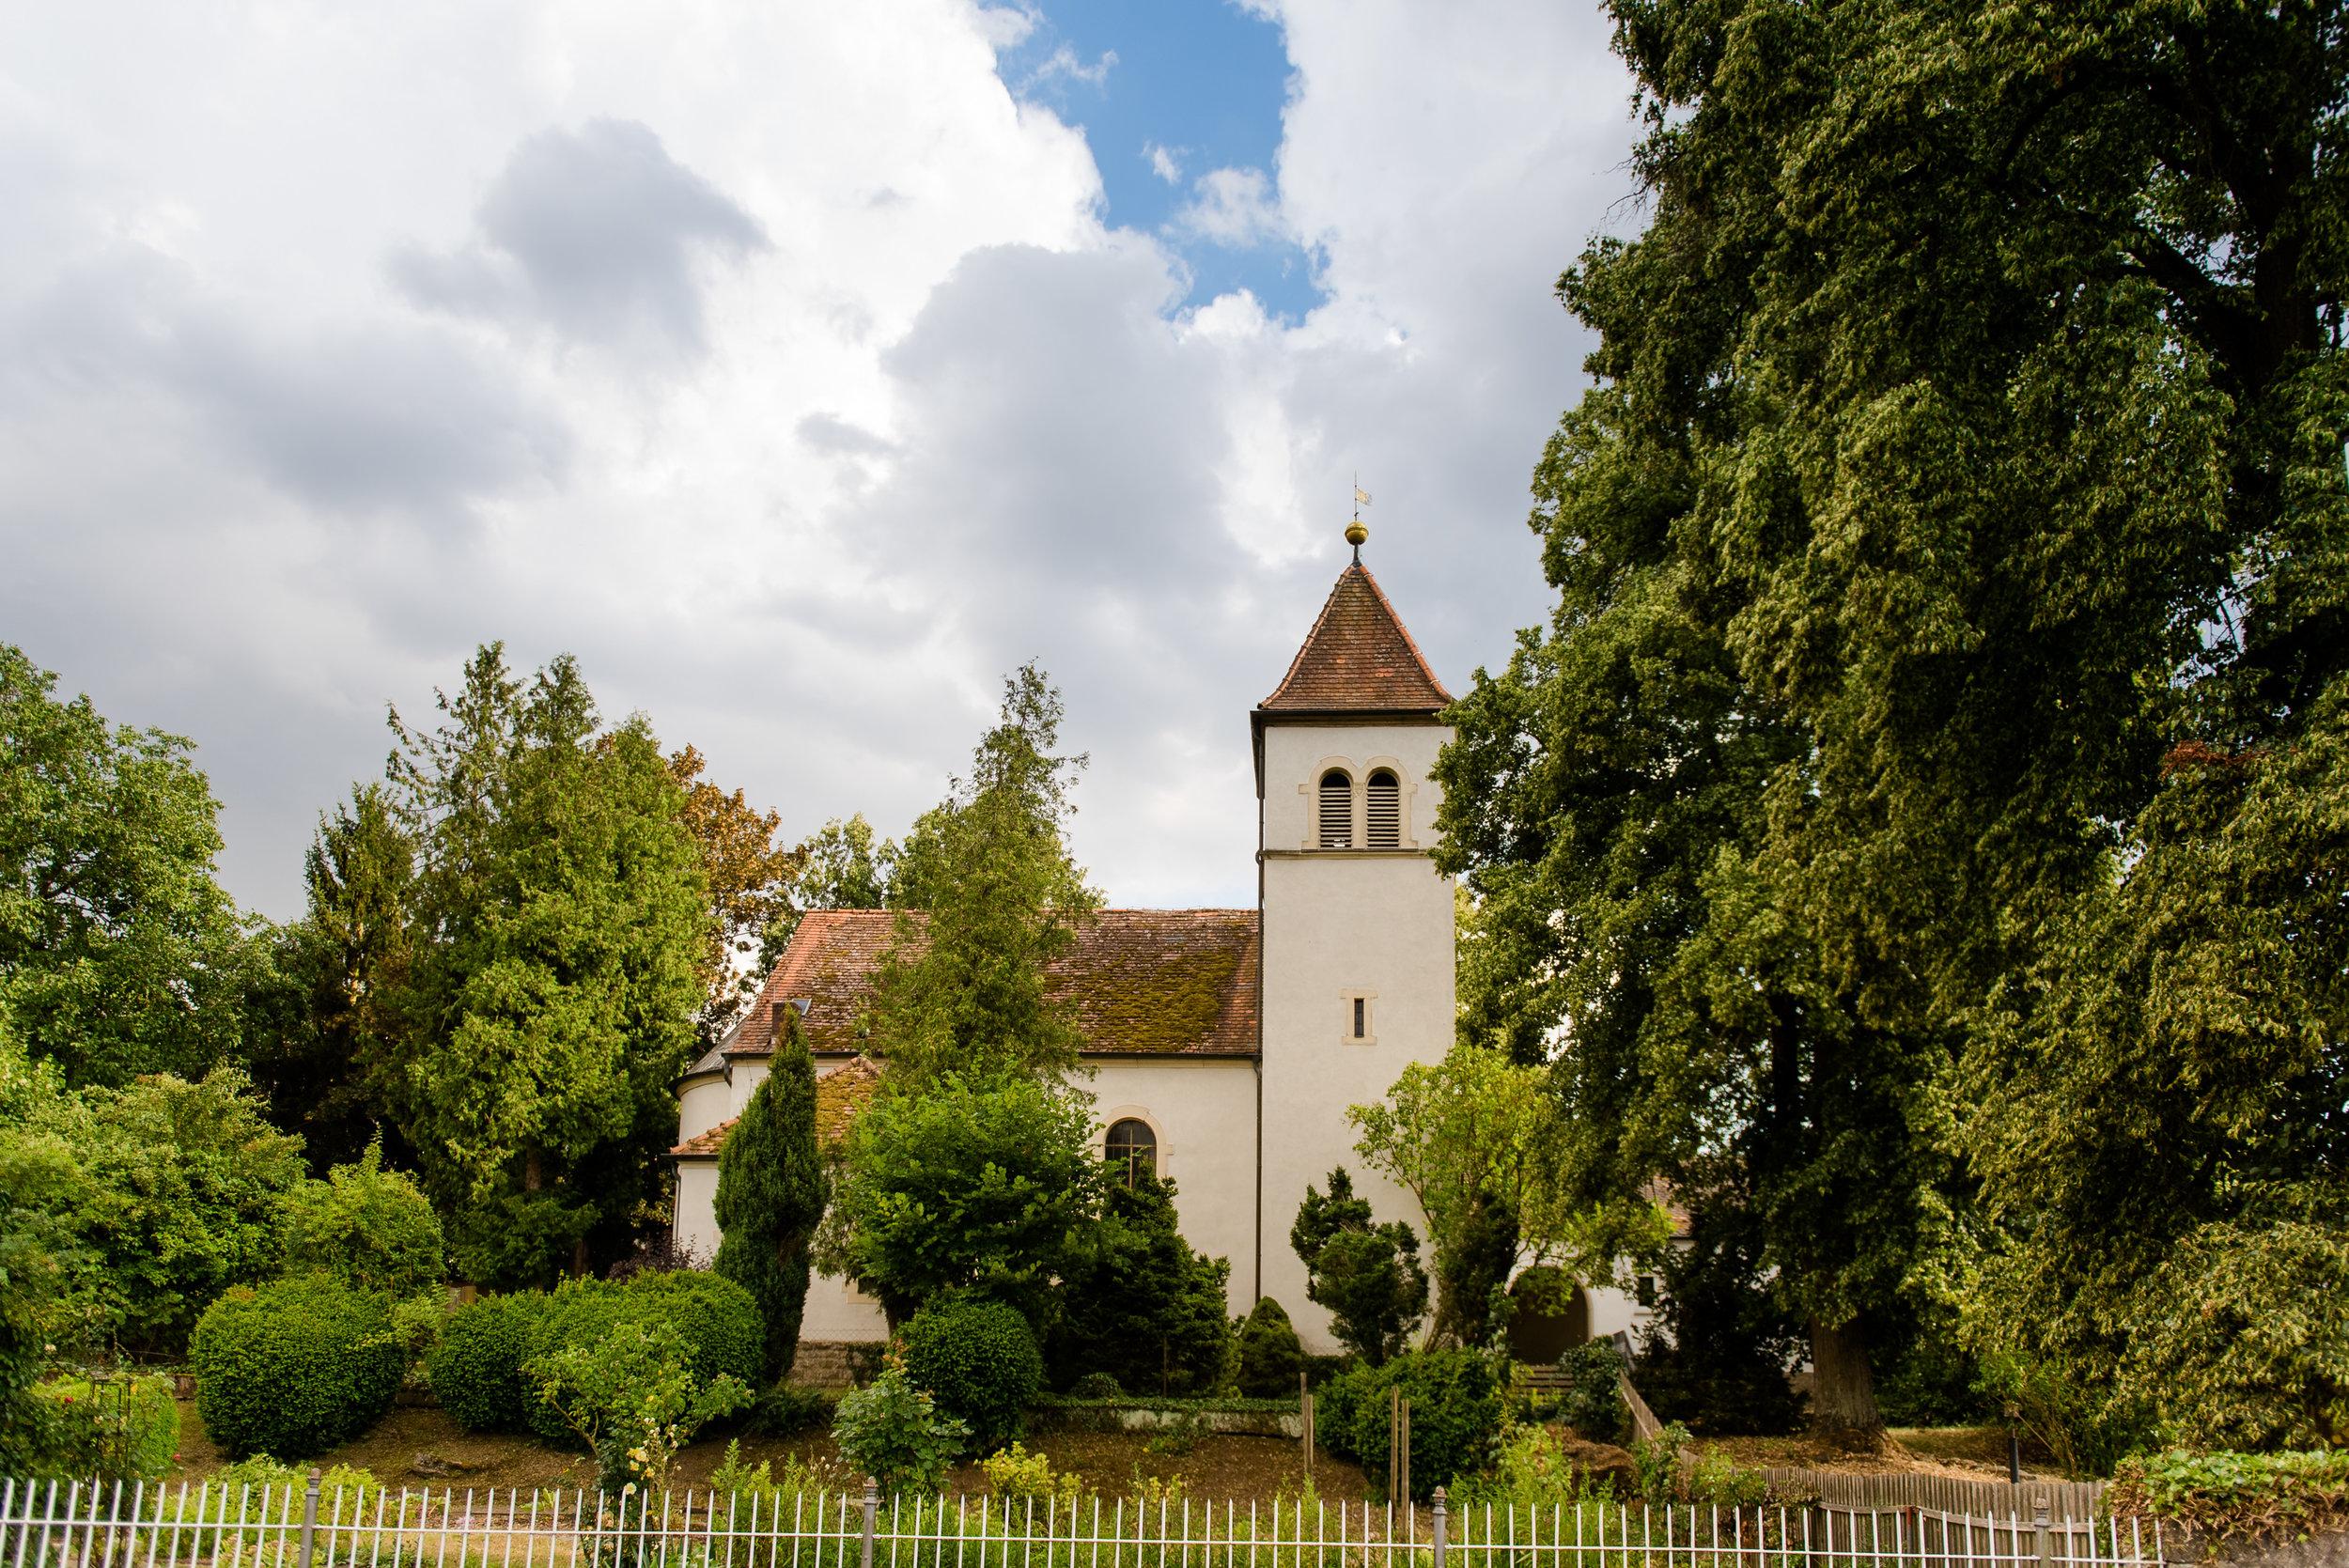 Christuskirche, Bahnhofstr. 12, 97450 Arnstein